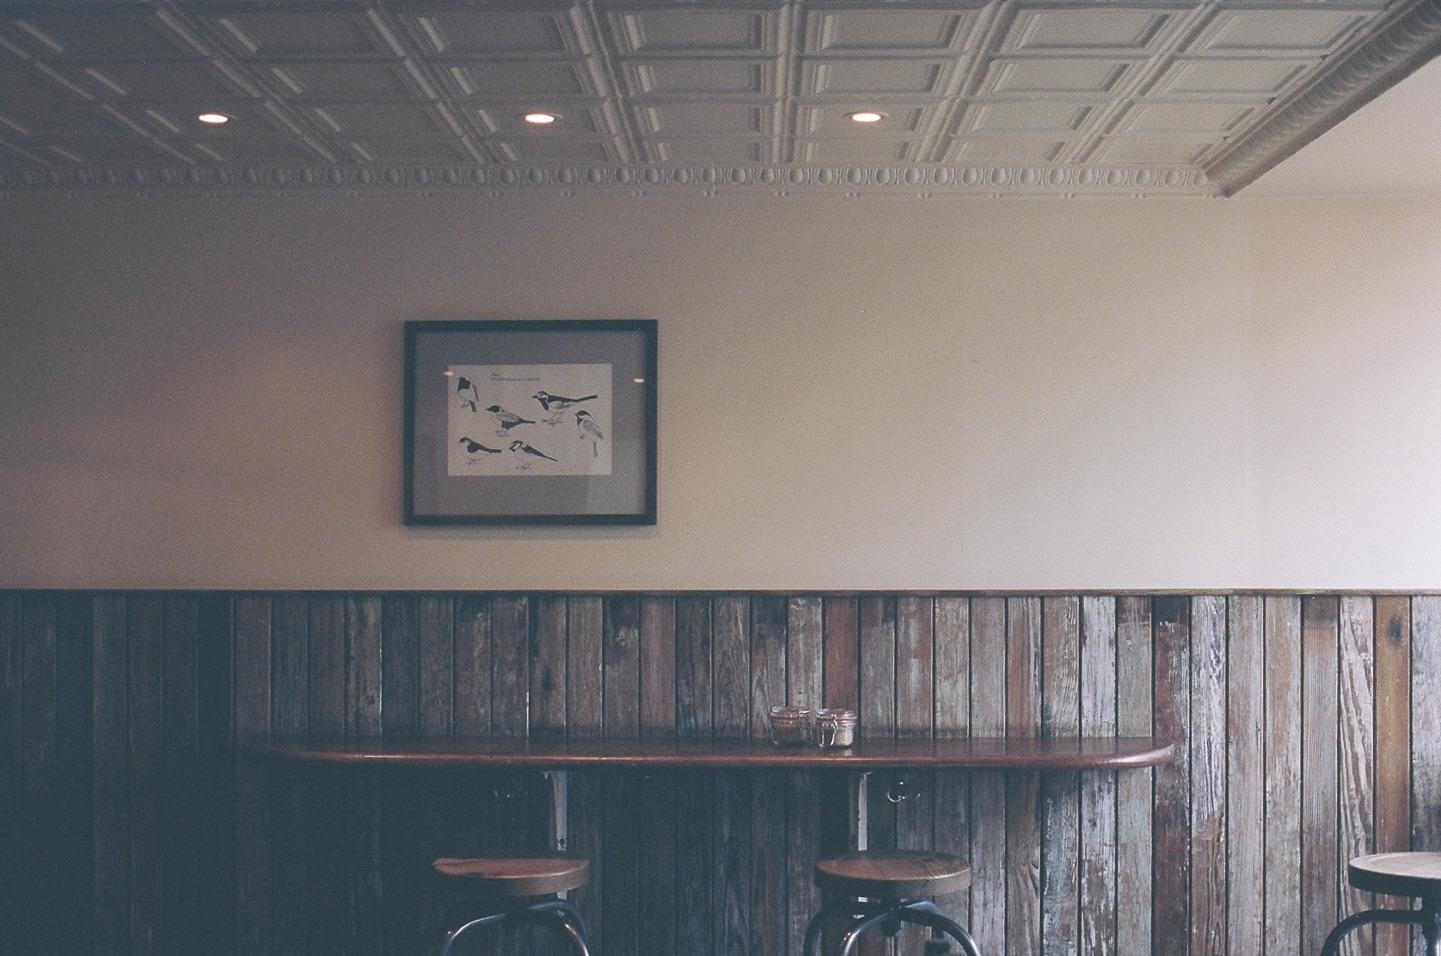 Immagini belle tavolo bar caffetteria legna casa pavimento